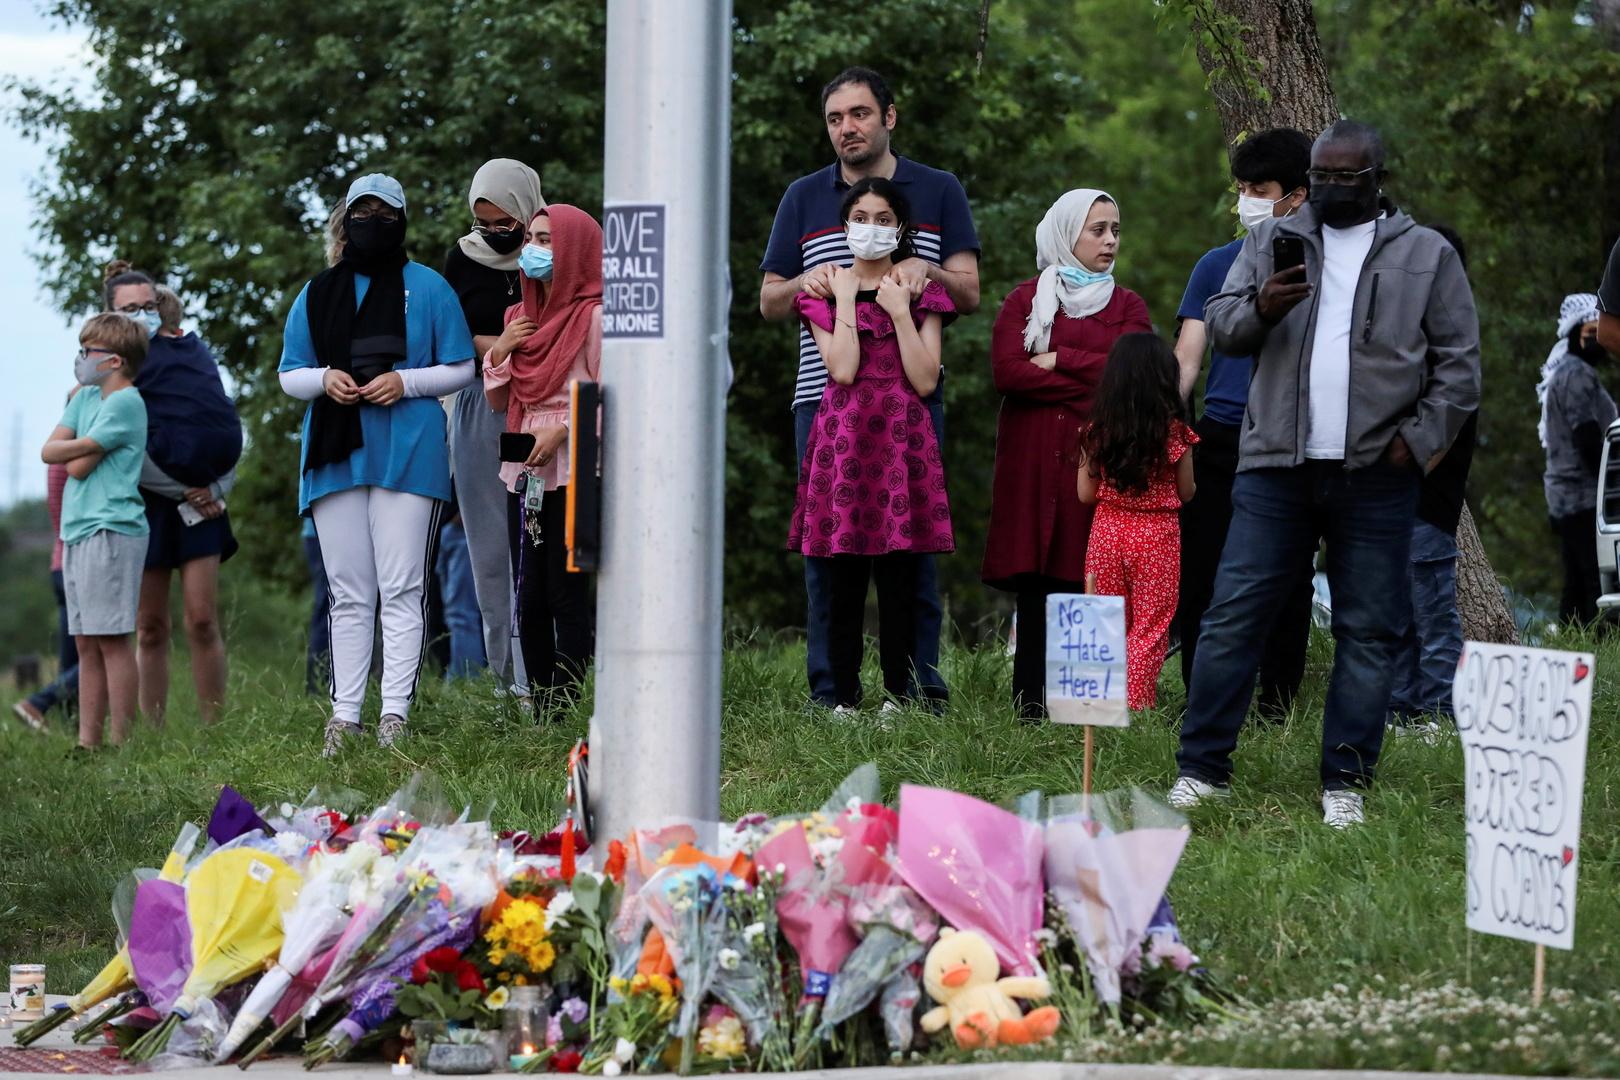 مكان حادثة دهس العائلة المسلمة في كندا